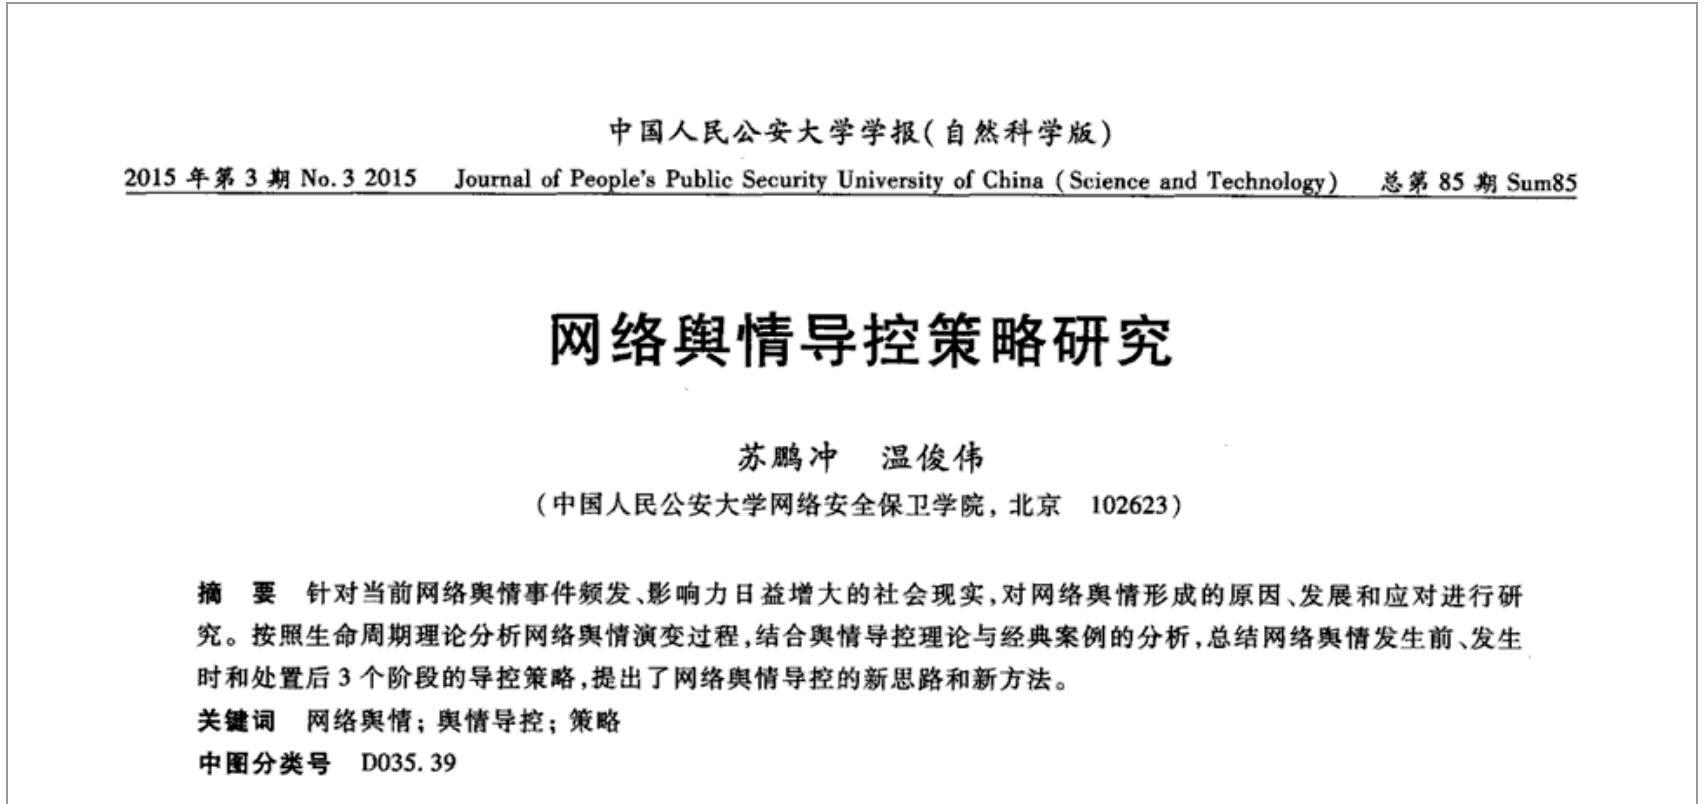 FT中文网︱互联网自由度报告:中国蝉联倒数第一